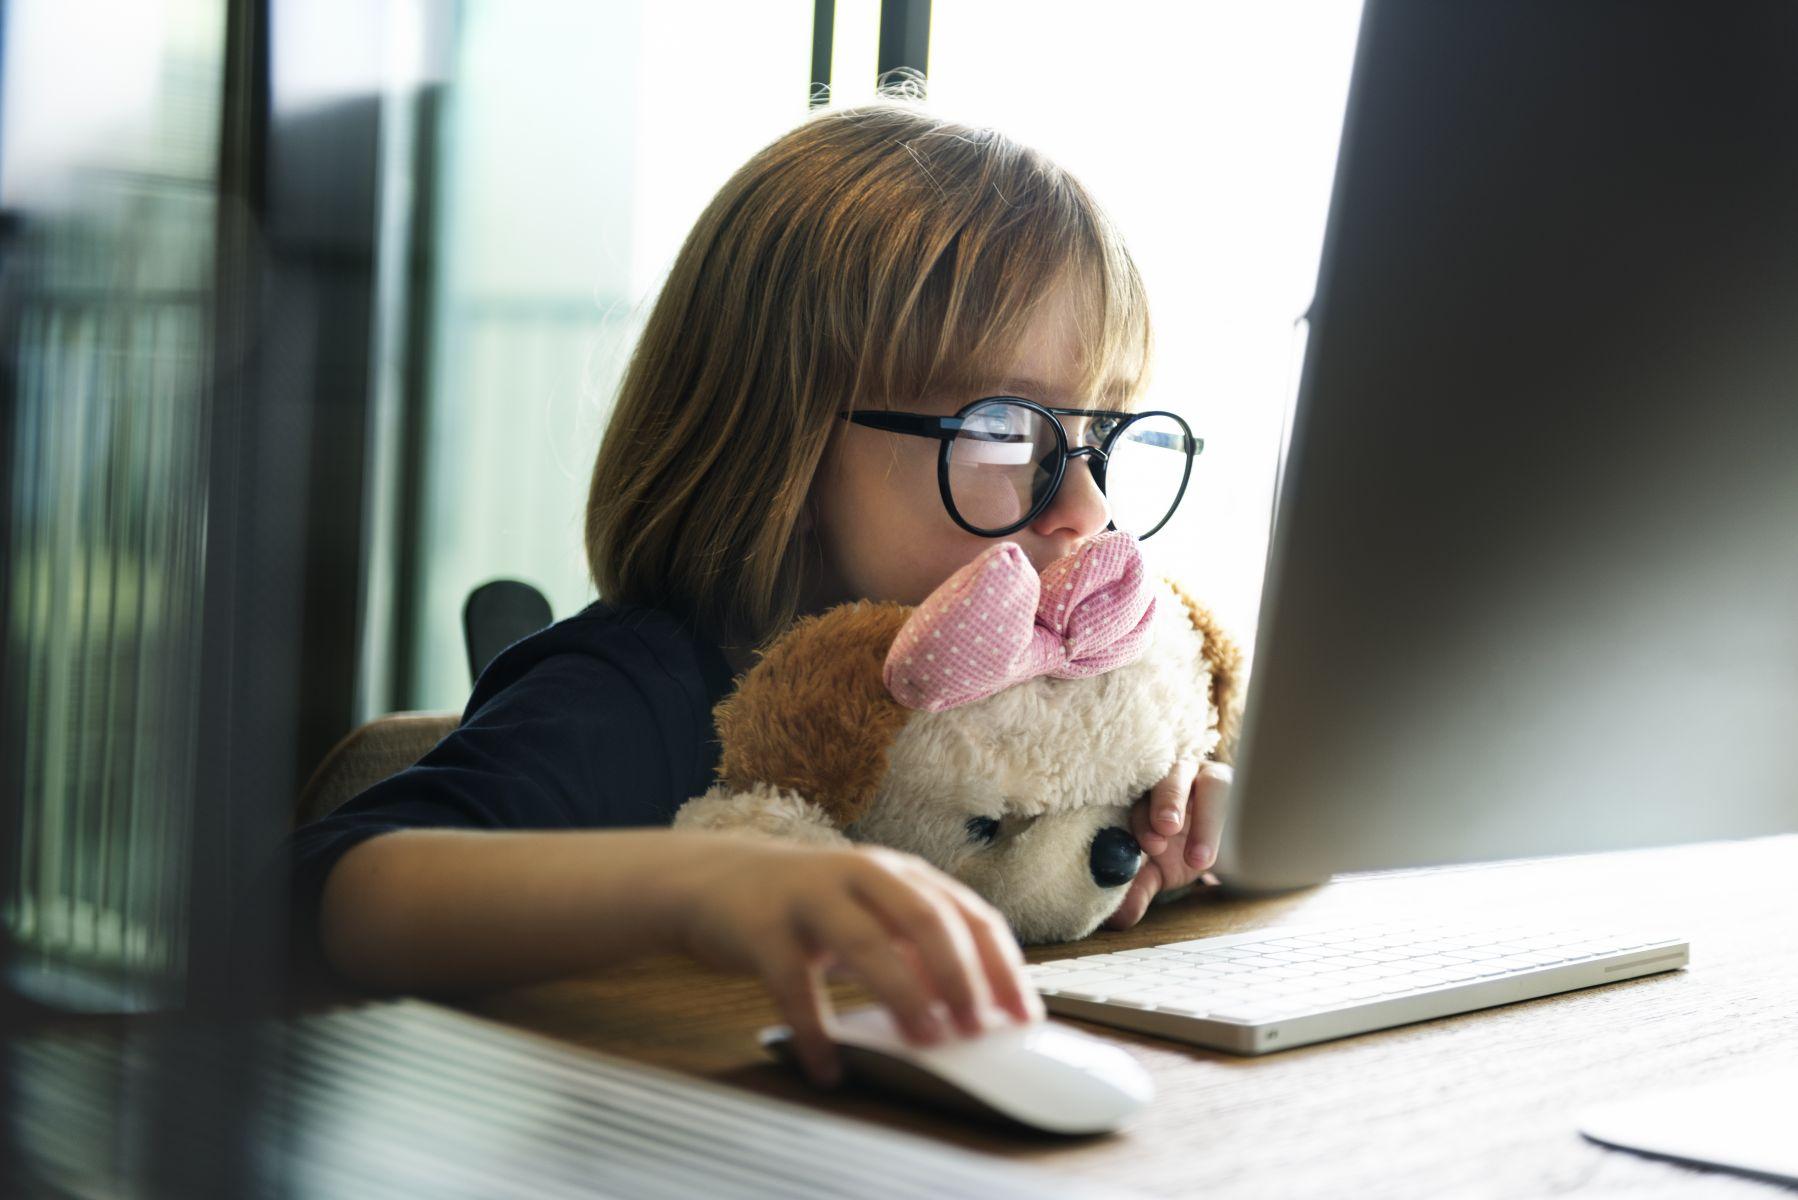 孩子總是在你準備好之前長大!父母該如何處理孩子網路交友問題?